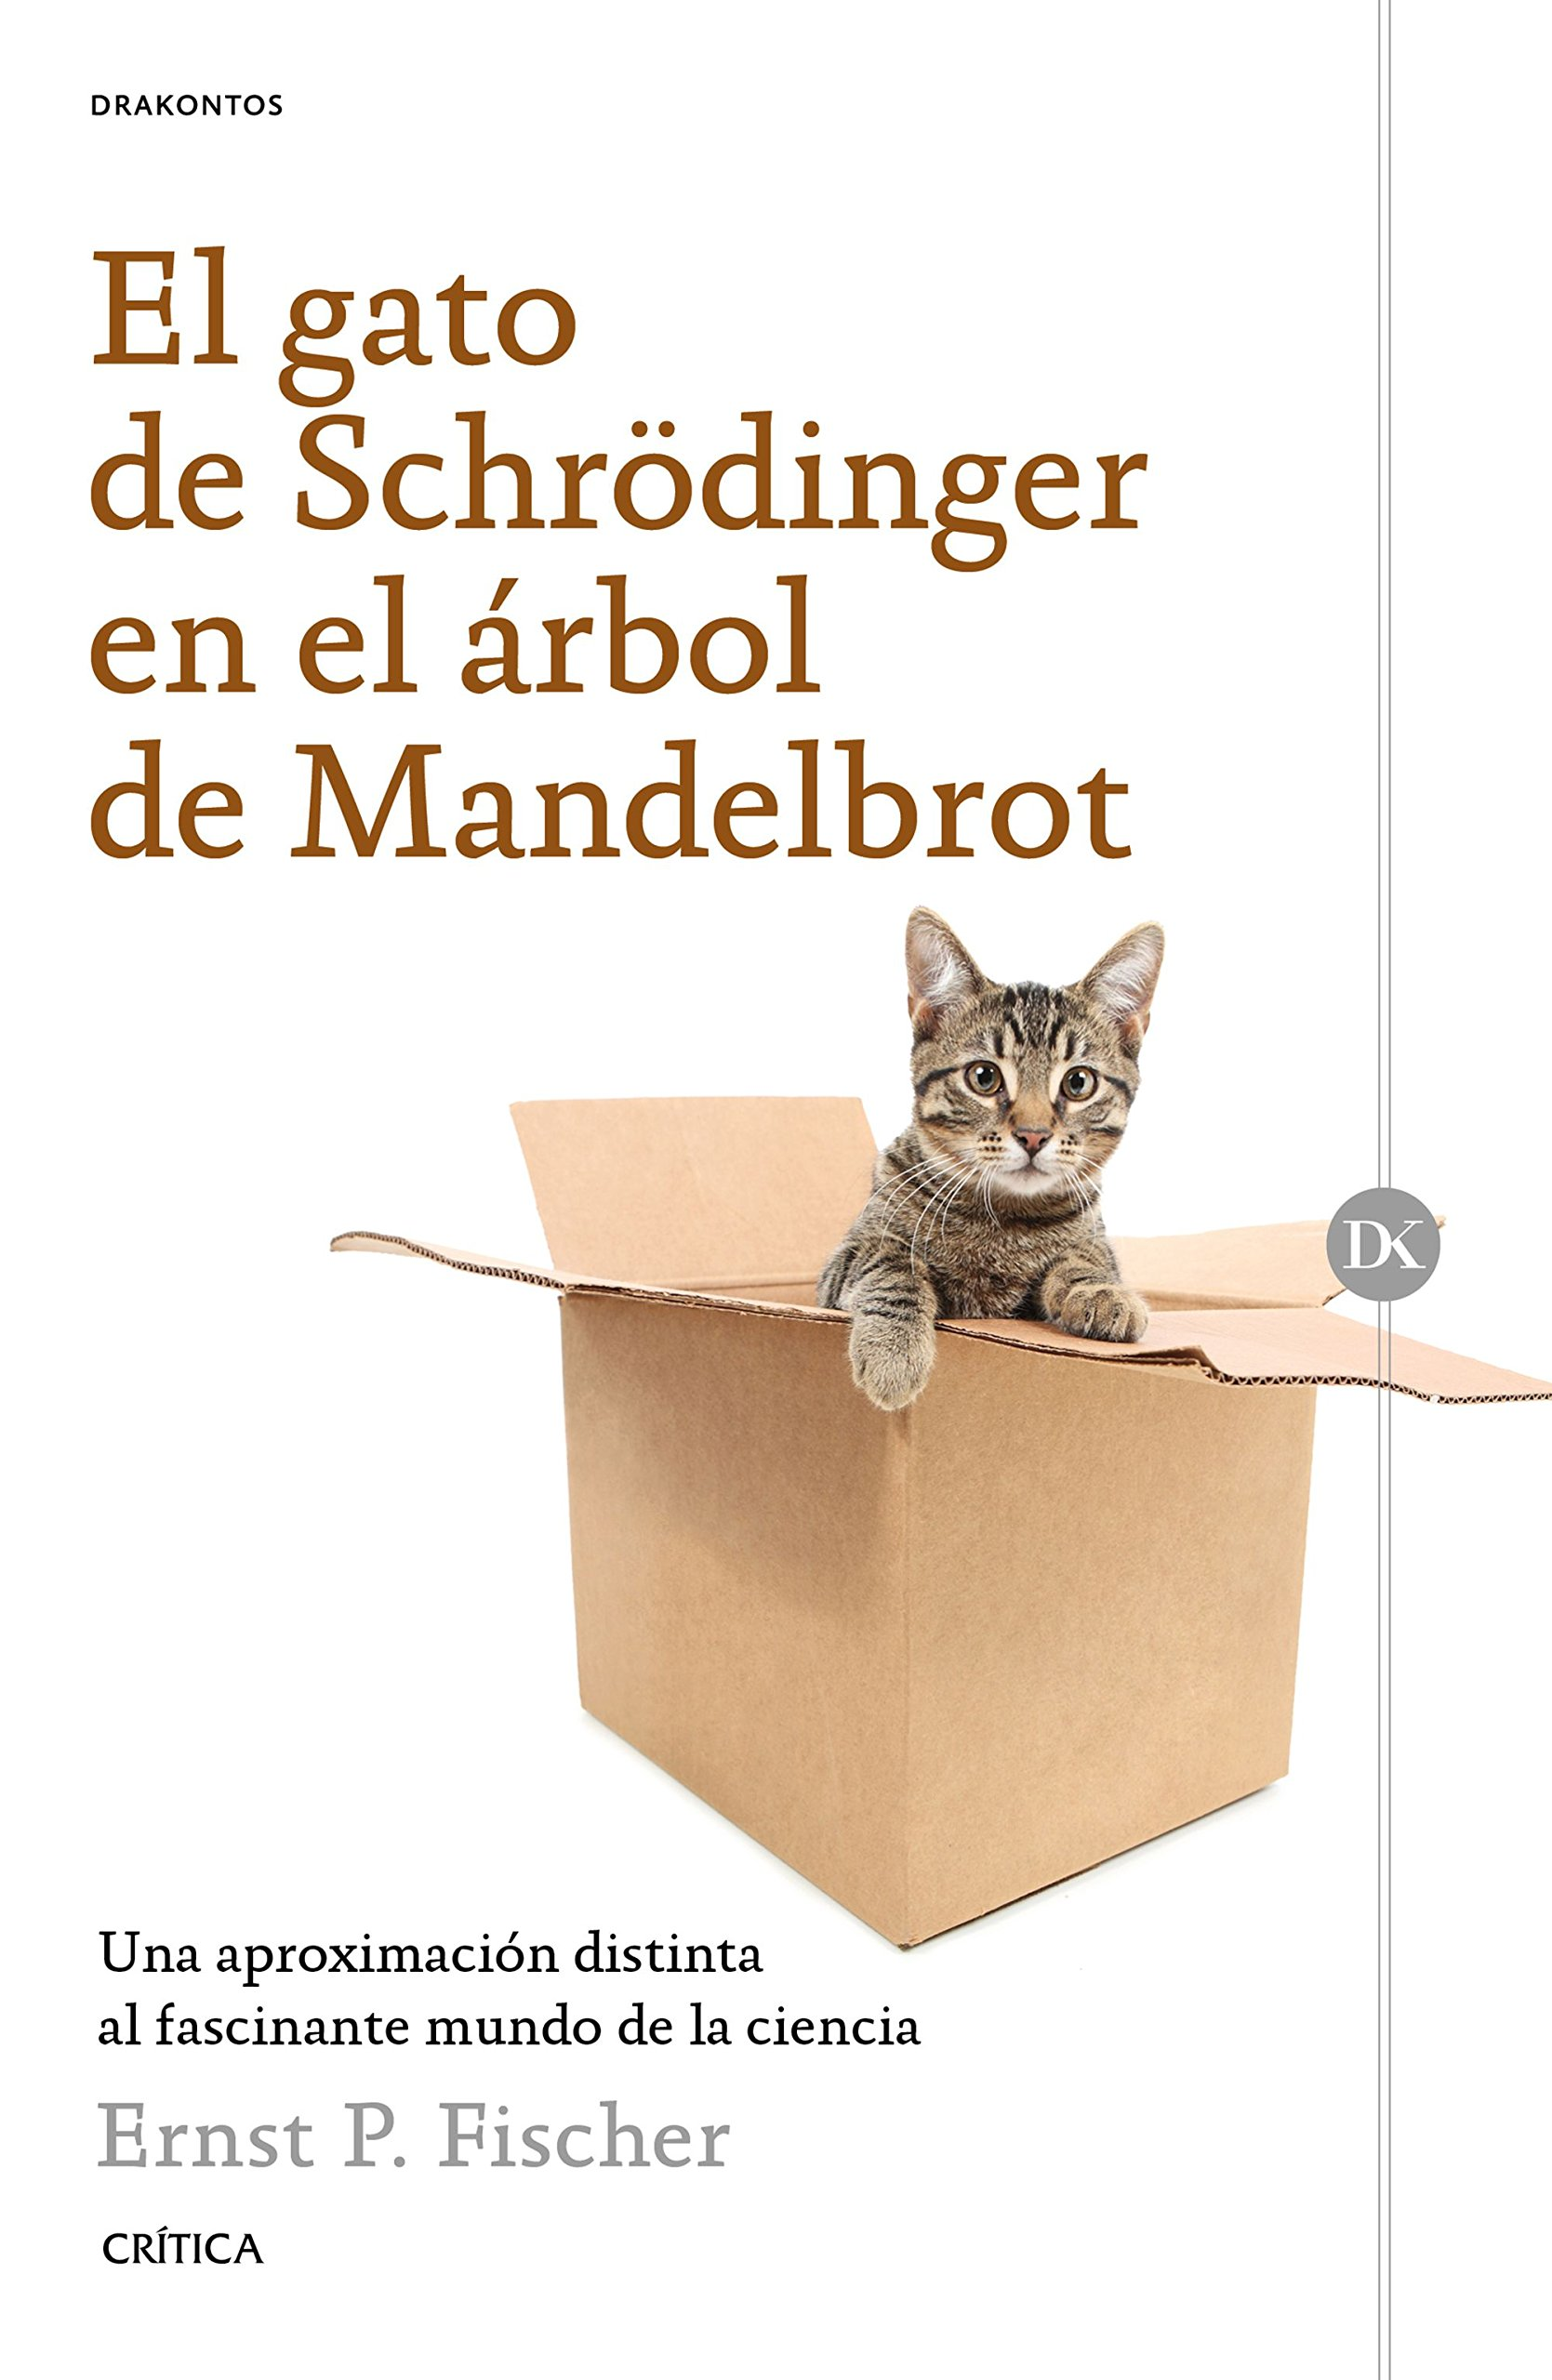 El gato de Schrödinger en el árbol de Mandelbrot : una aproximación distinta al fascinante mundo de la ciencia (Spanish) Paperback – April 1, 2016